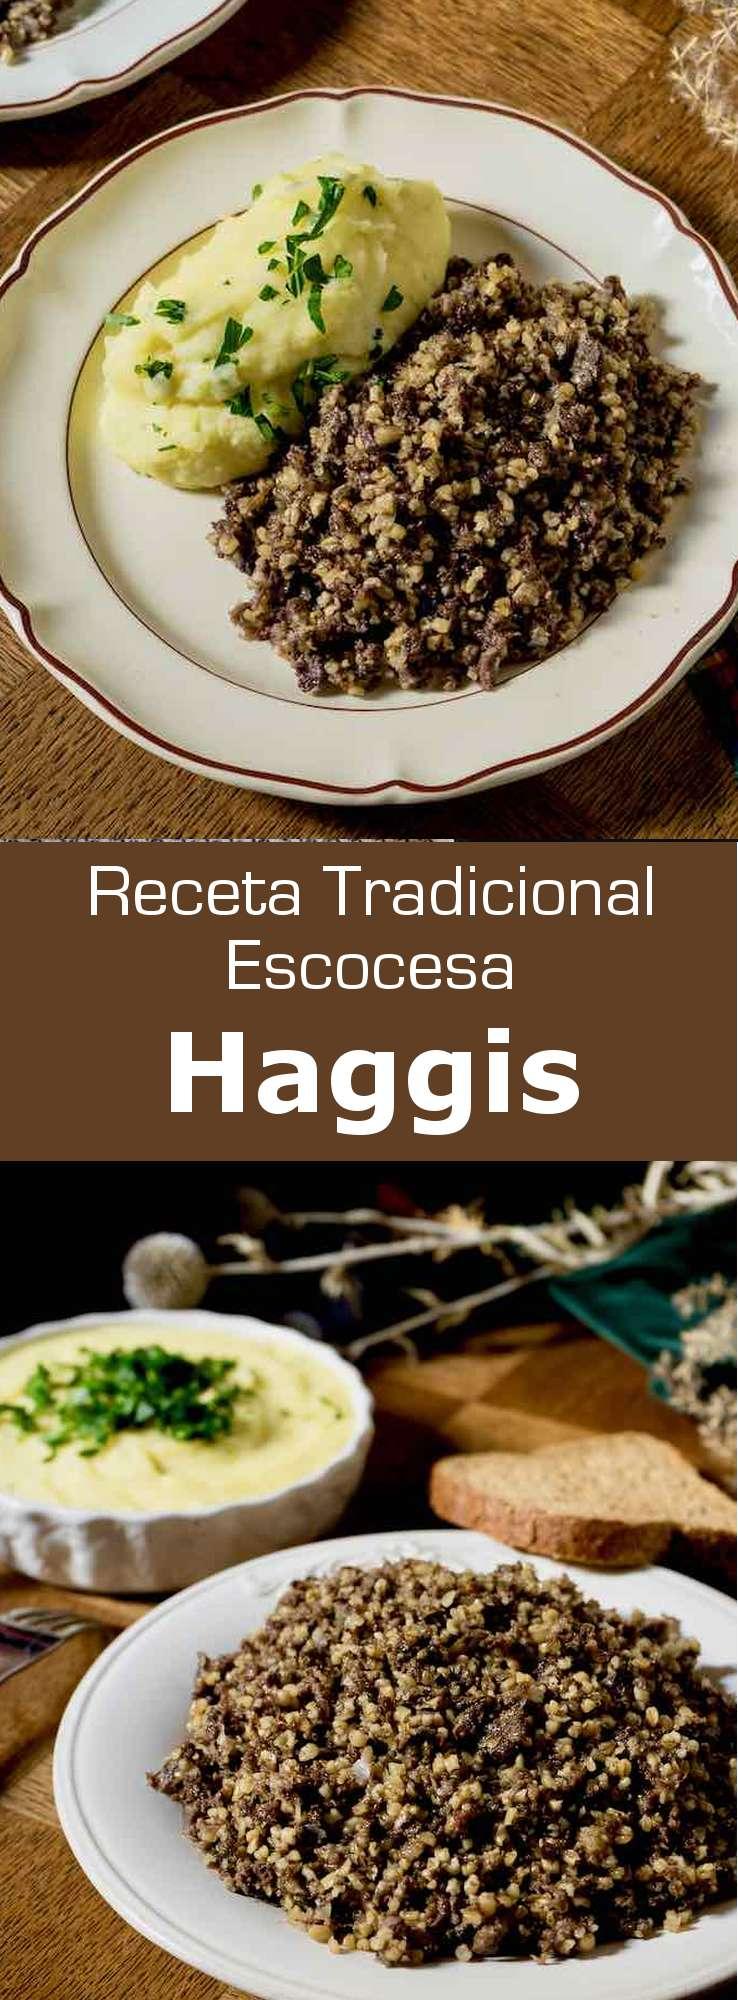 El Haggis es un plato tradicional escocés que consiste en despojos de oveja picados, sazonados y condimentados, que se cocinan en el estómago del animal.